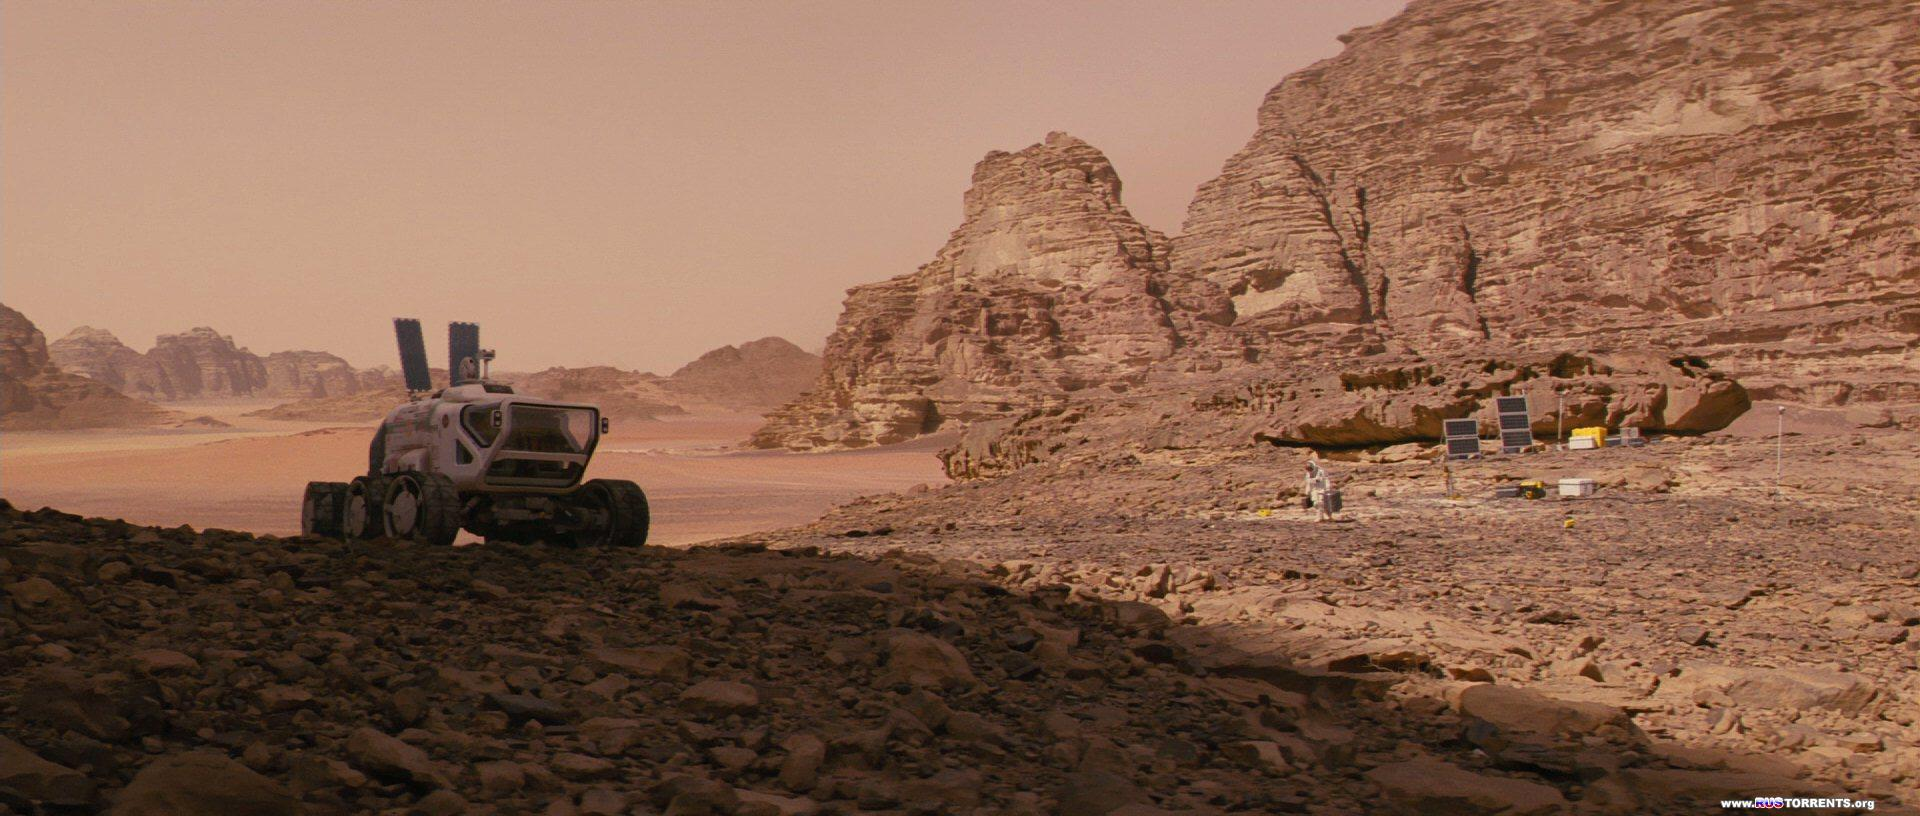 Последние дни на Марсе | BDRip 1080p | P